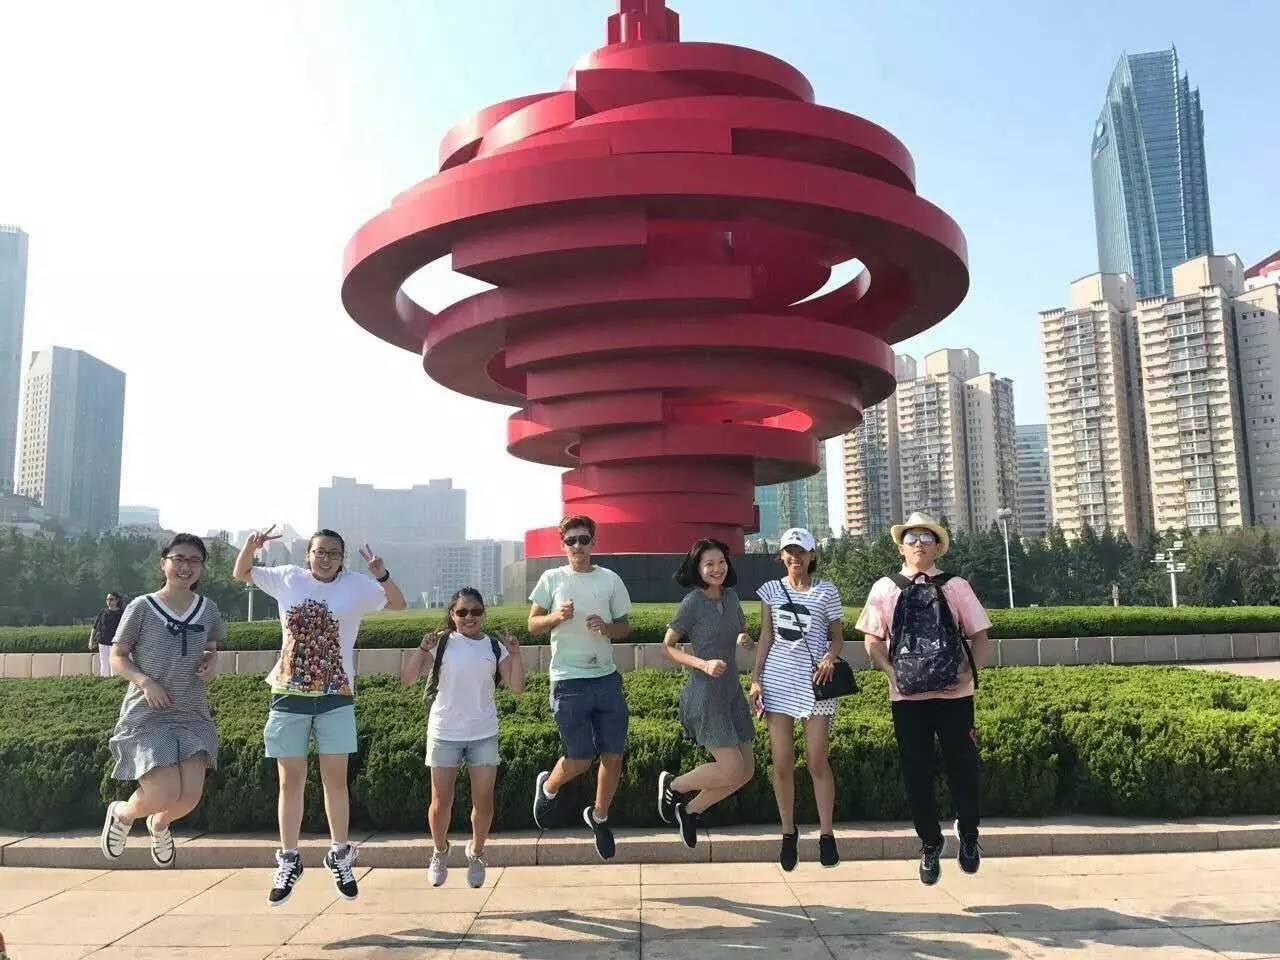 旅校快讯 青岛旅游学校16级 3 4 旅游管理本科班接待美国交流生活动